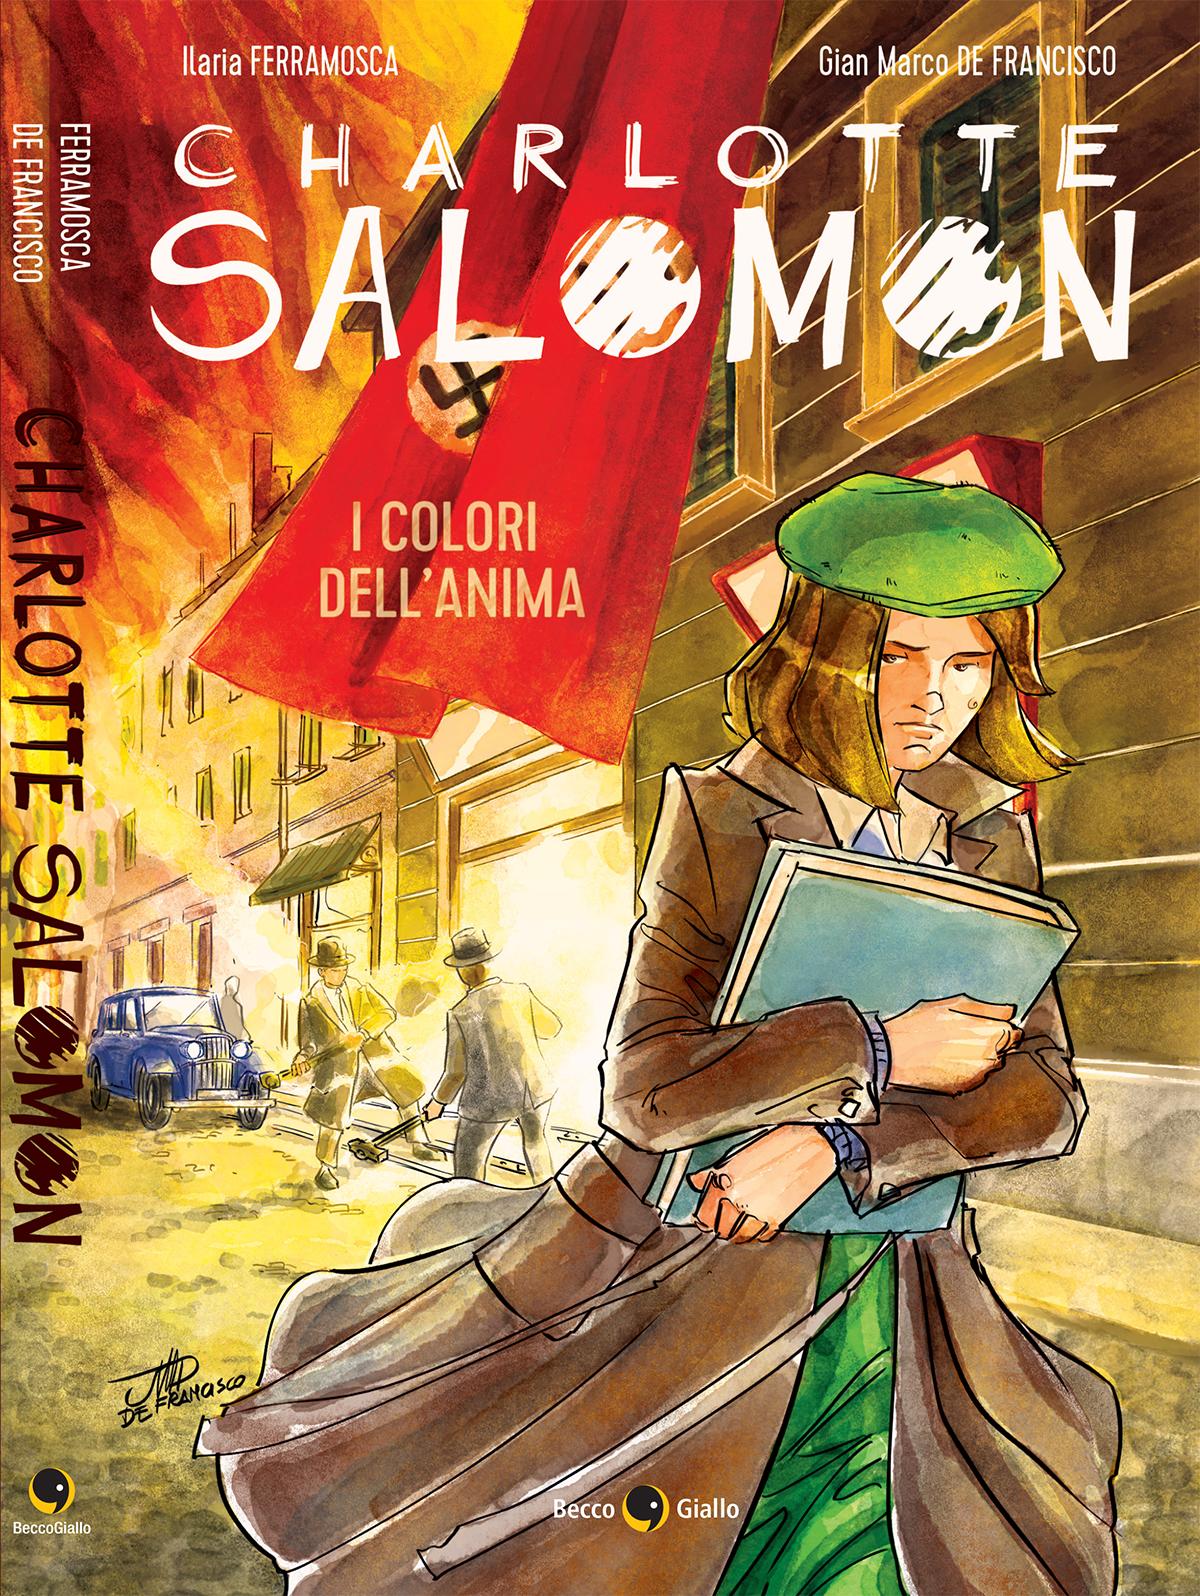 Charlotte Salomon di Ilaria Bellamosca e Gian Marco De Francisco